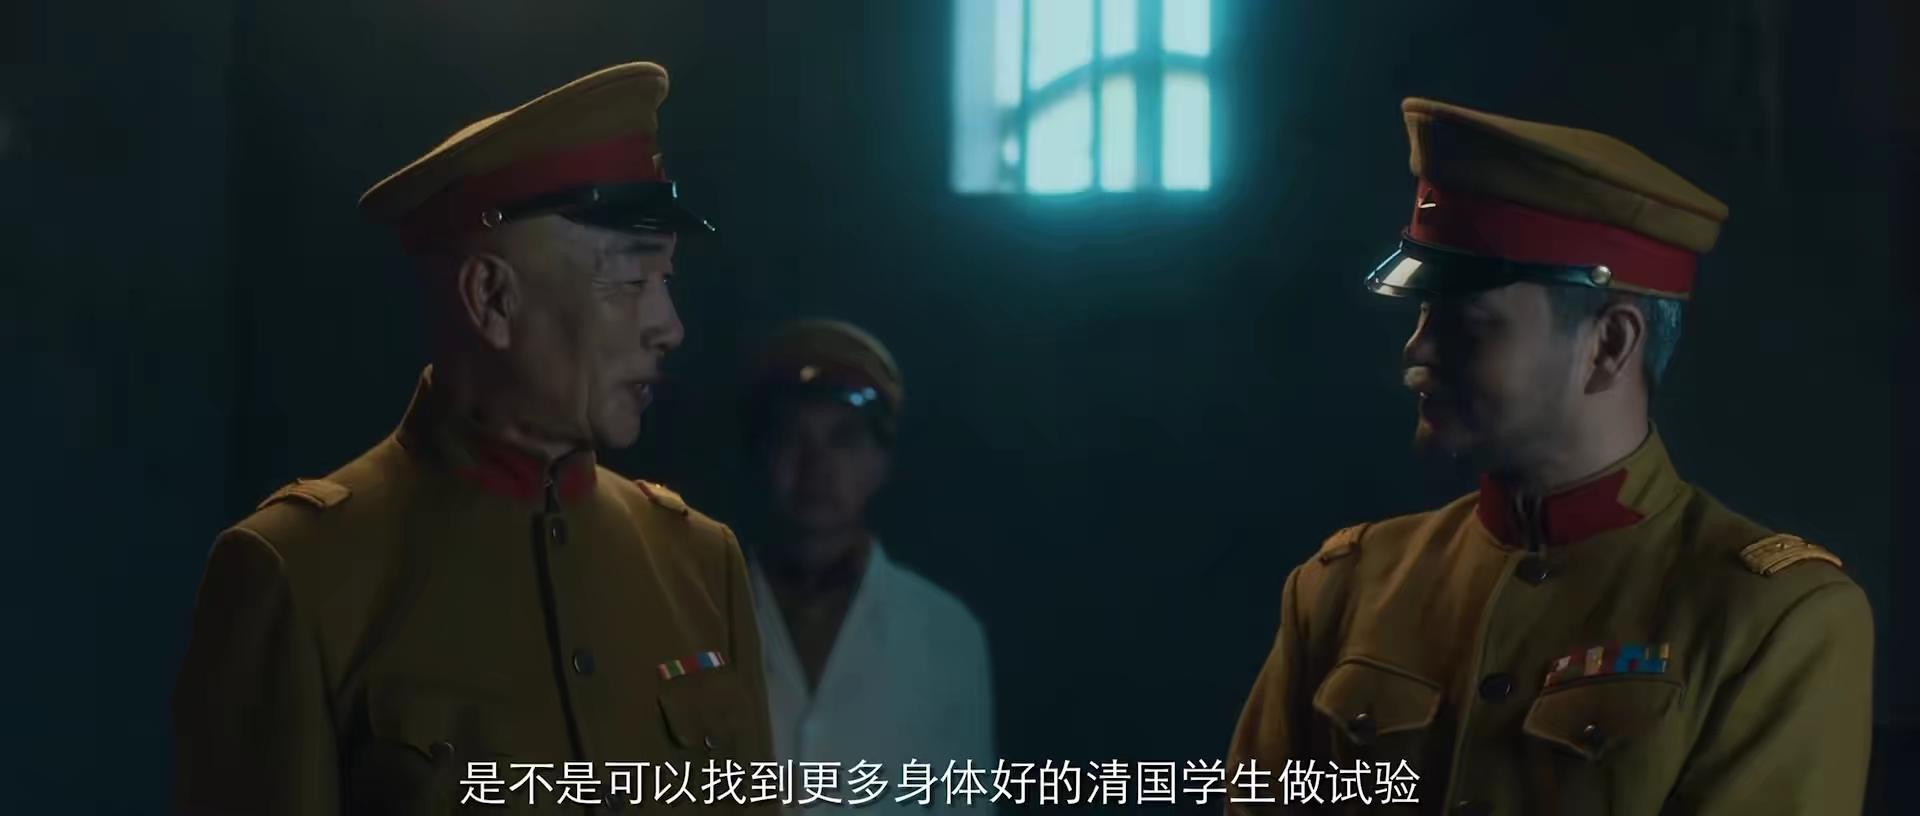 [霍家拳之精武英雄][1080P版HD-MP4/1.11G][国语中字][2019中国动作]插图(3)